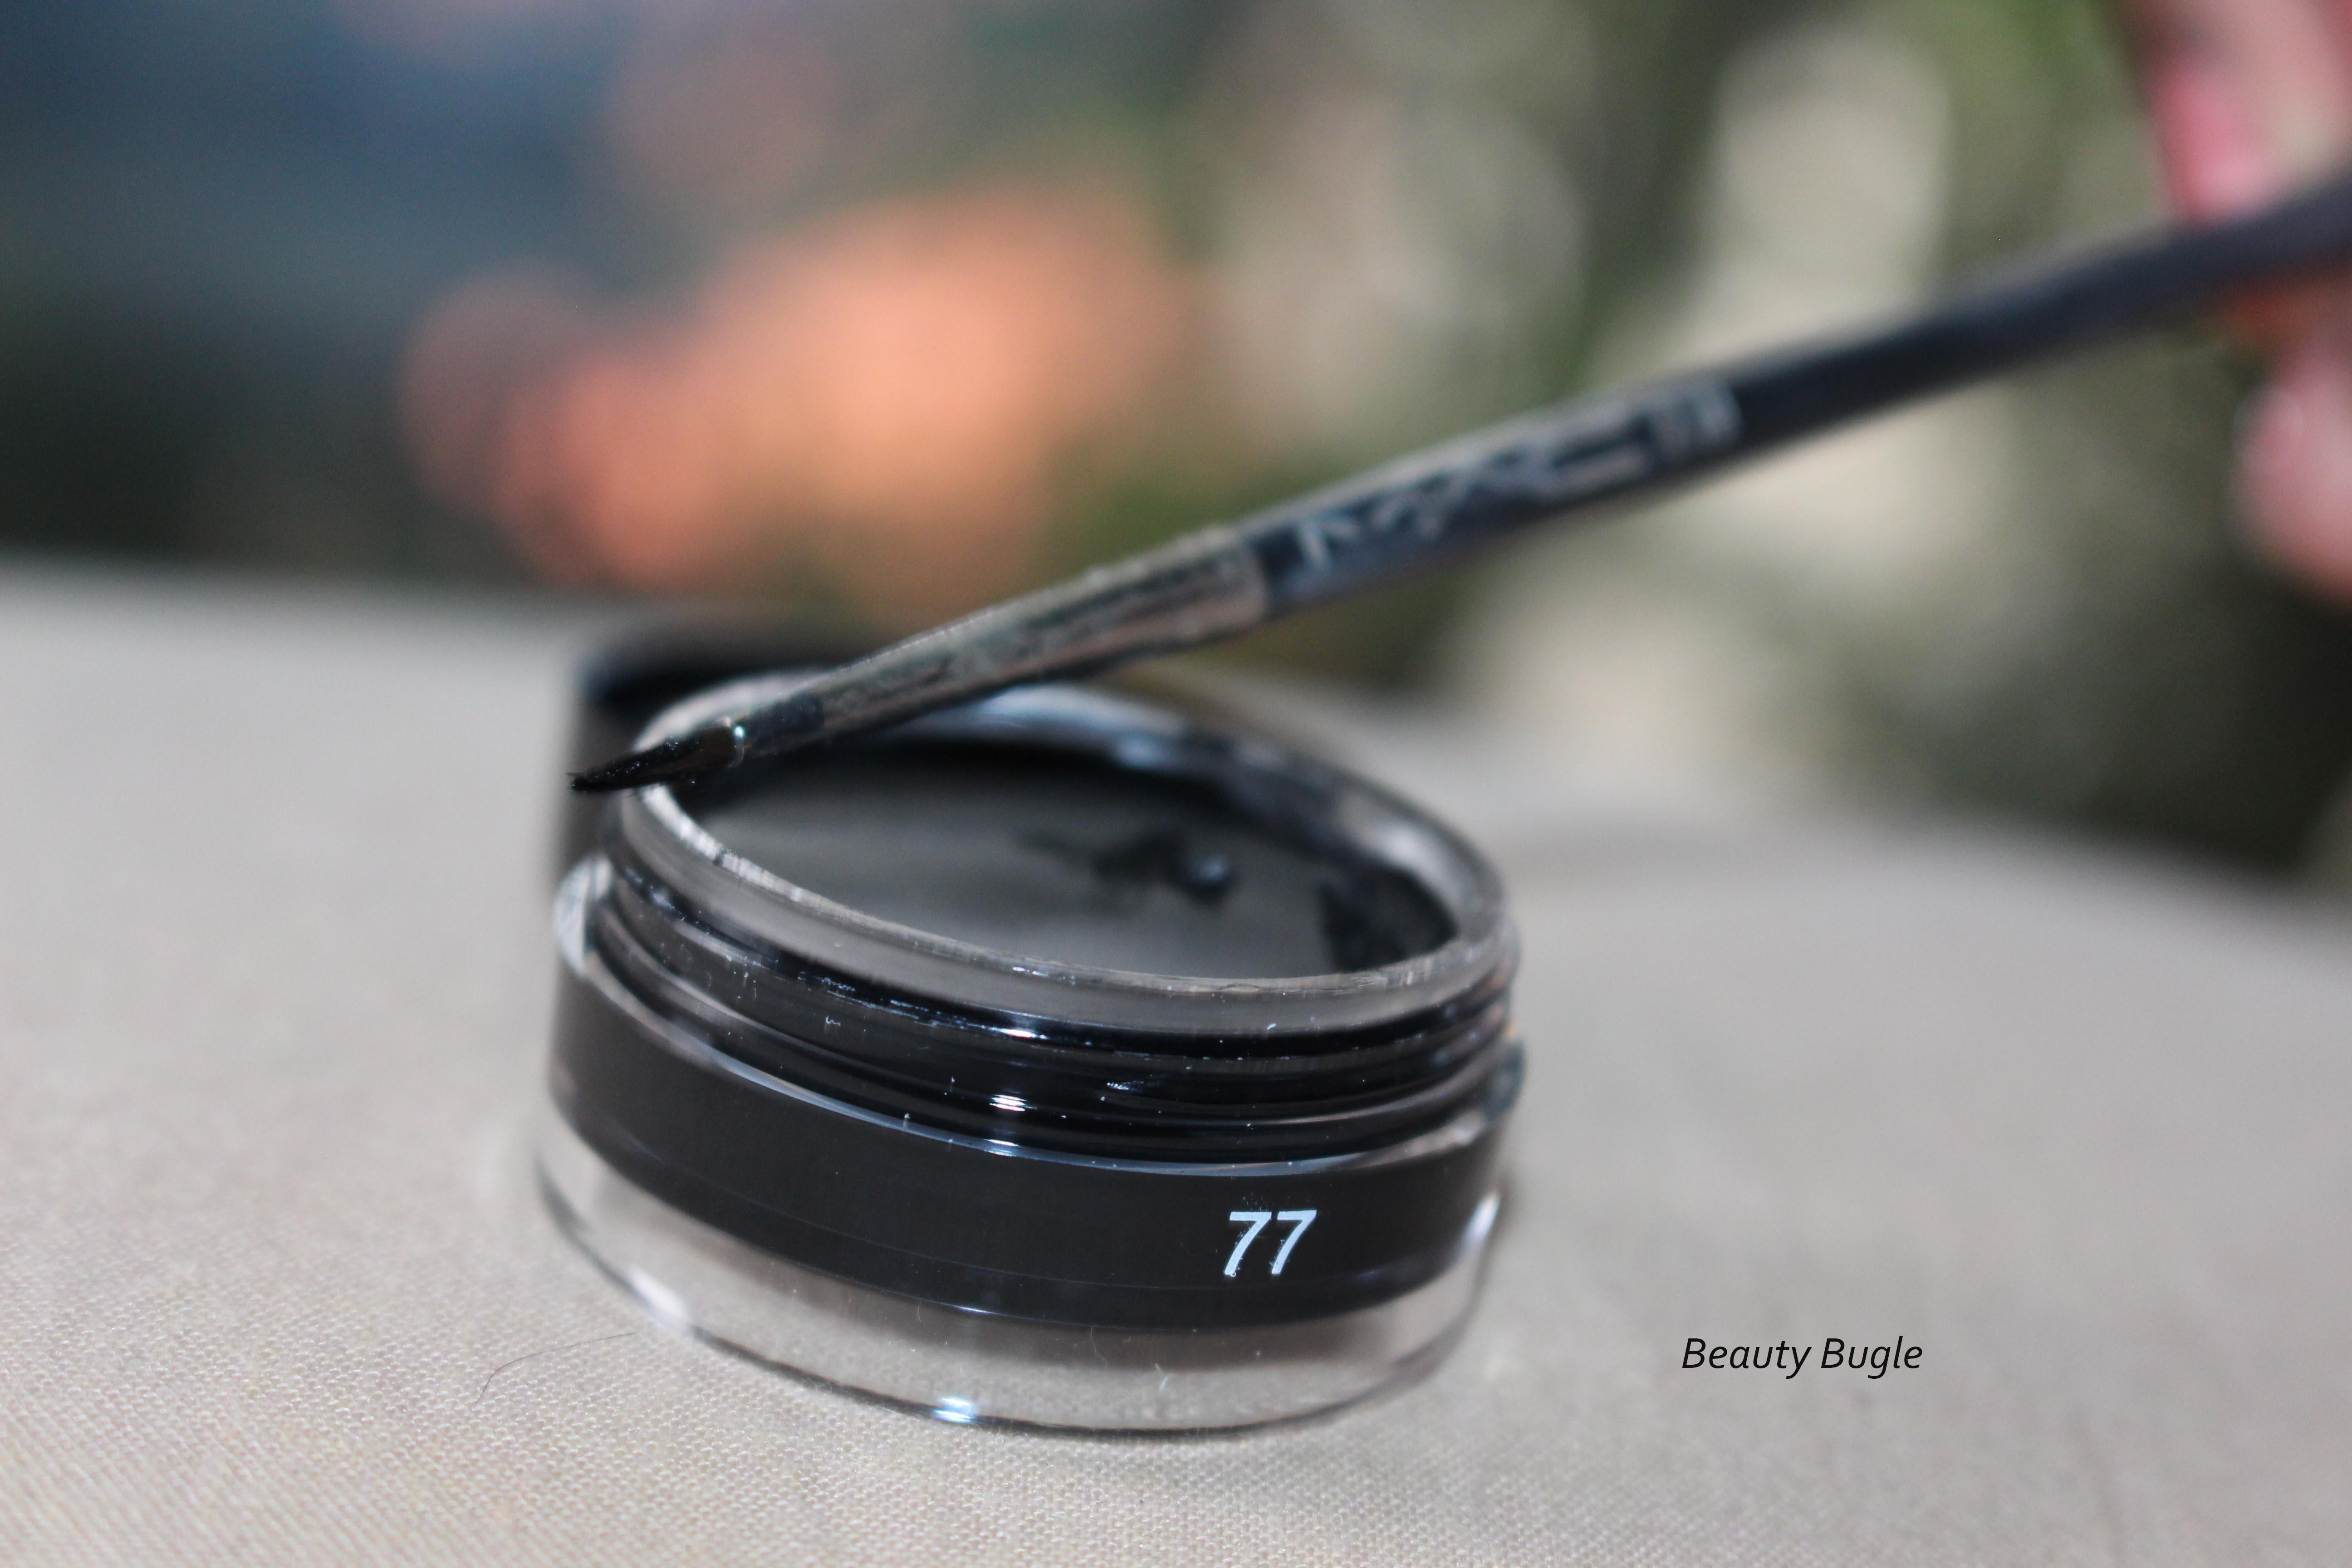 The MAC 210 eyeliner brush faired well in applying the Inglot Eyeliner Gel 77.